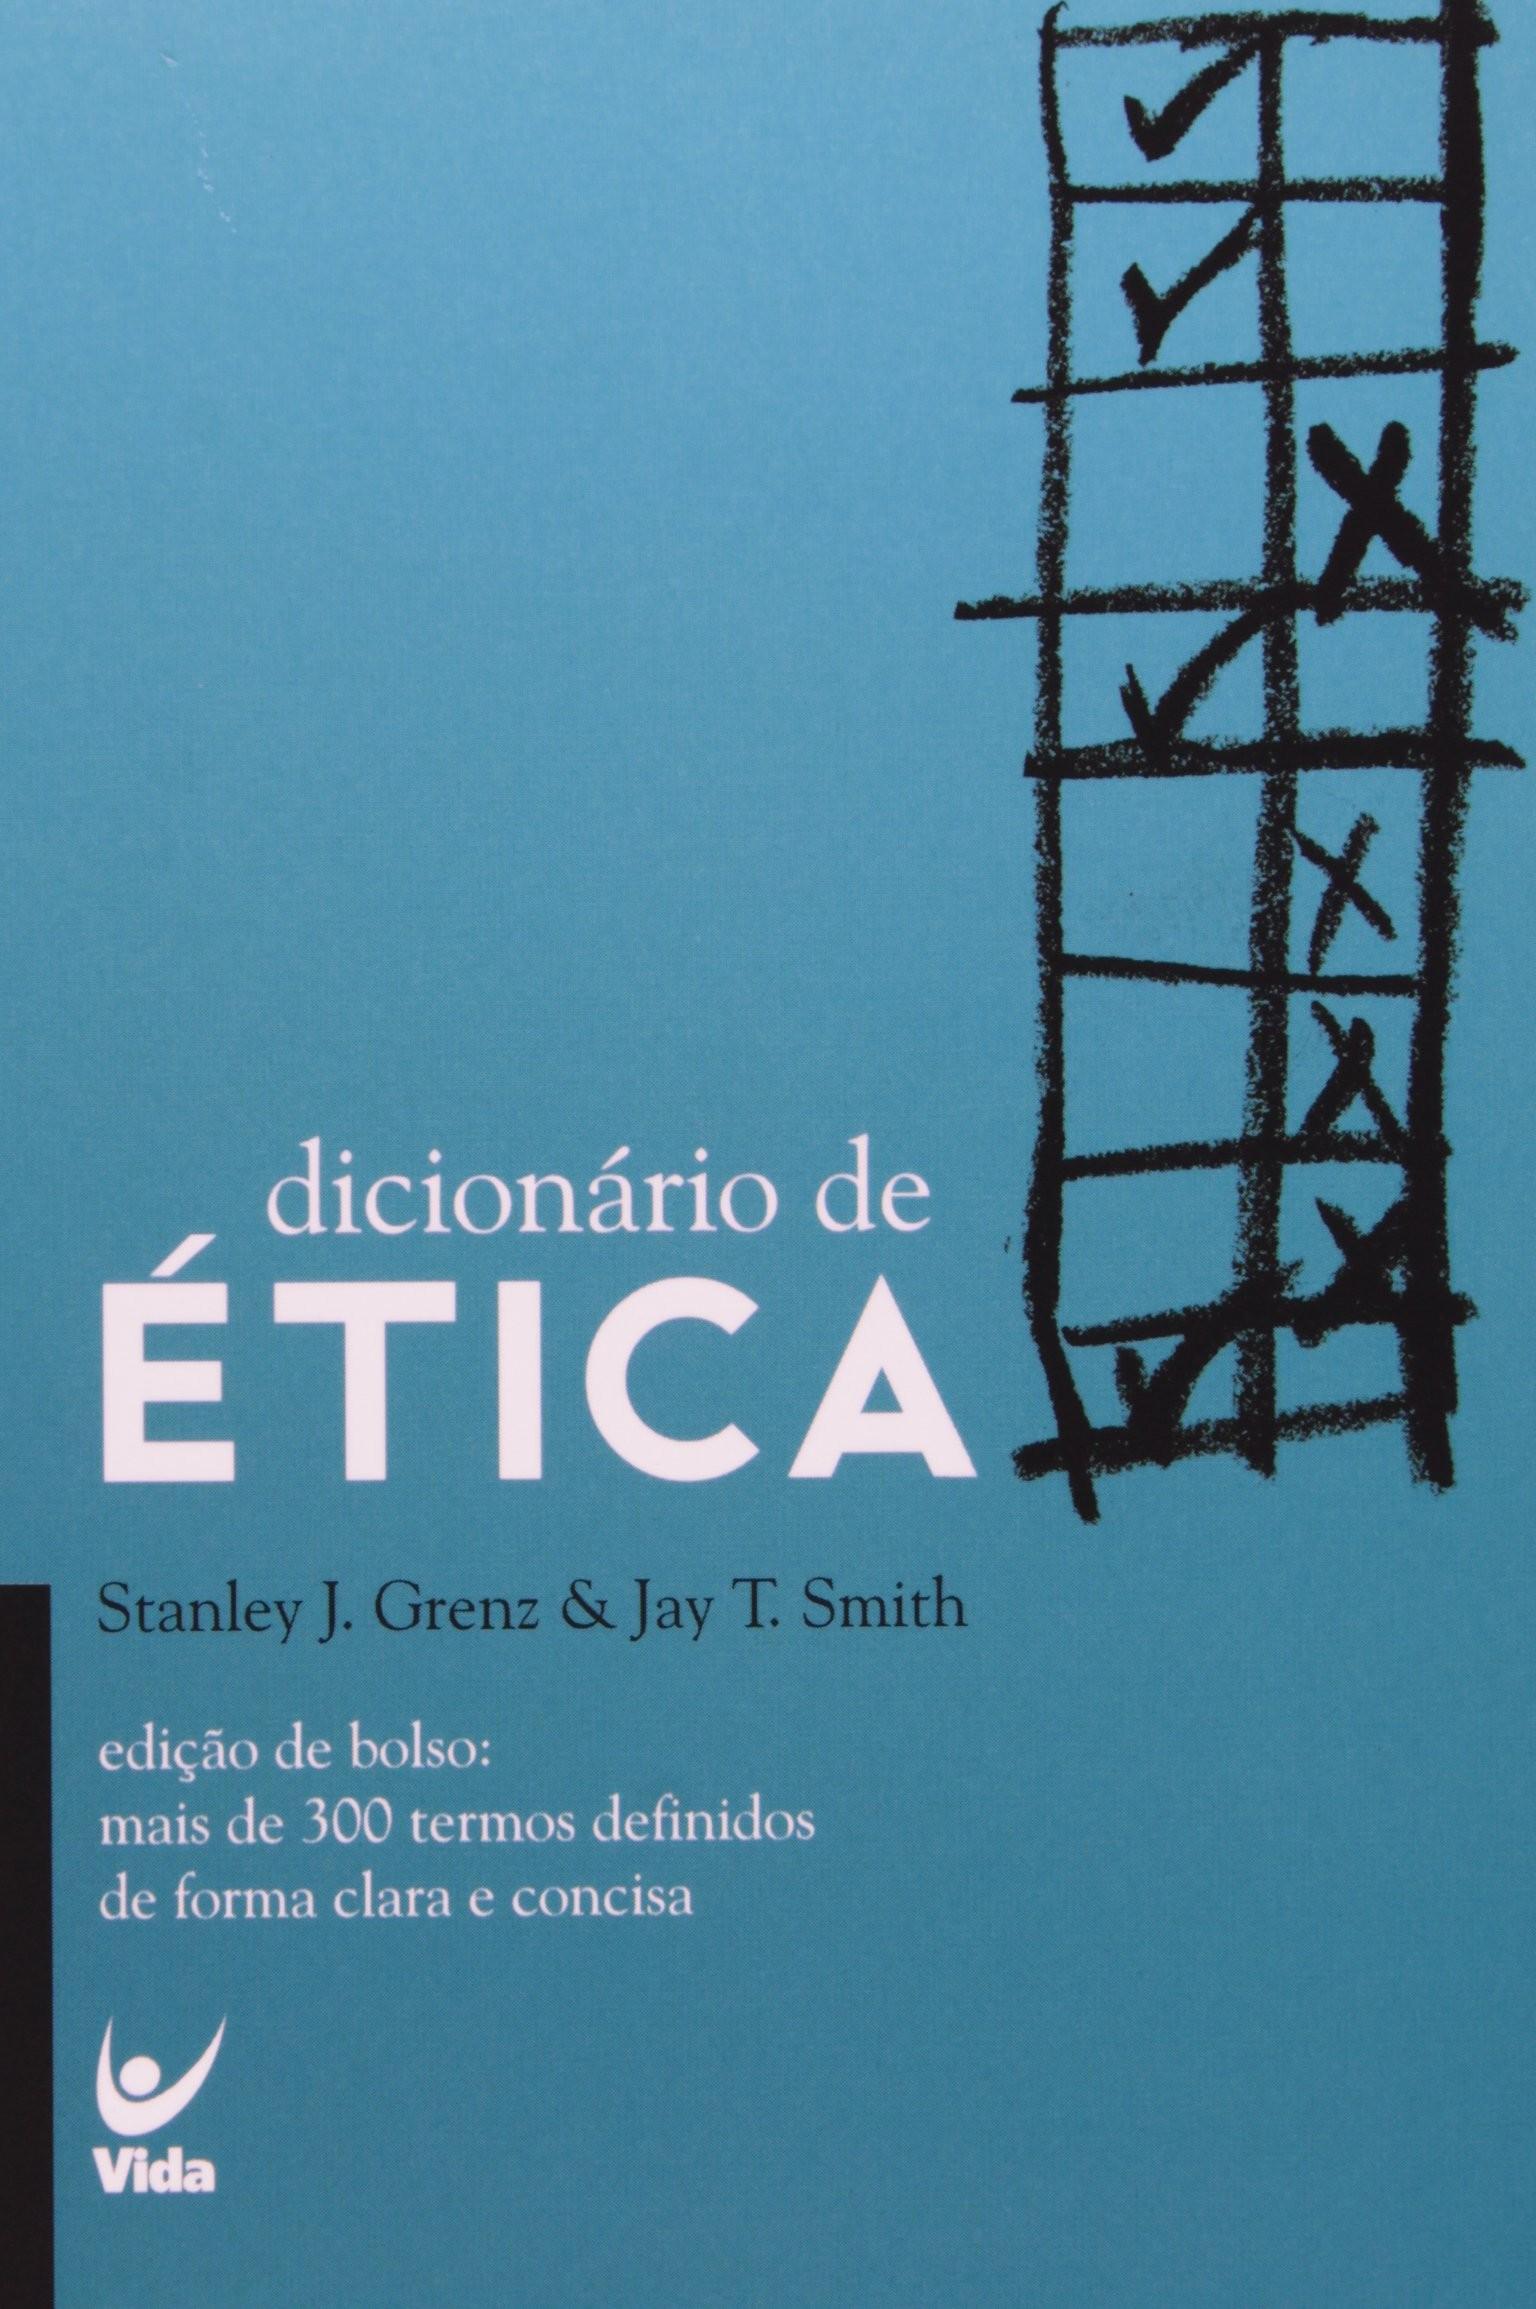 Dicionário de Ética